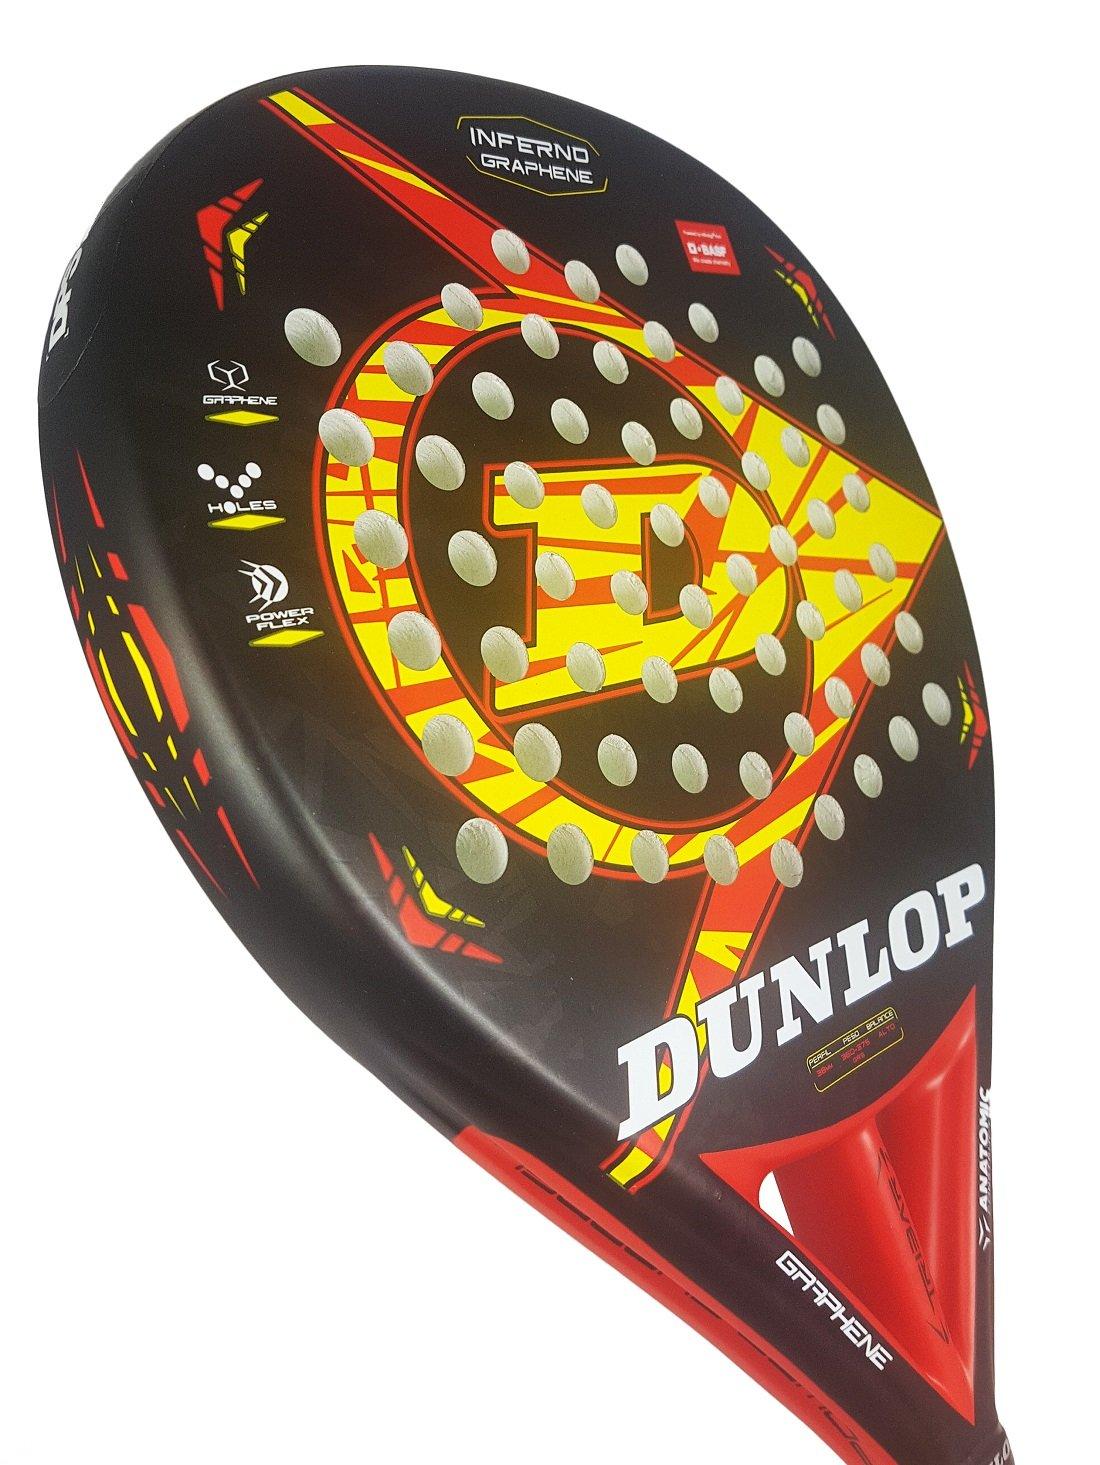 Dunlop Pala de Pádel Inferno Graphene: Amazon.es: Deportes y aire ...